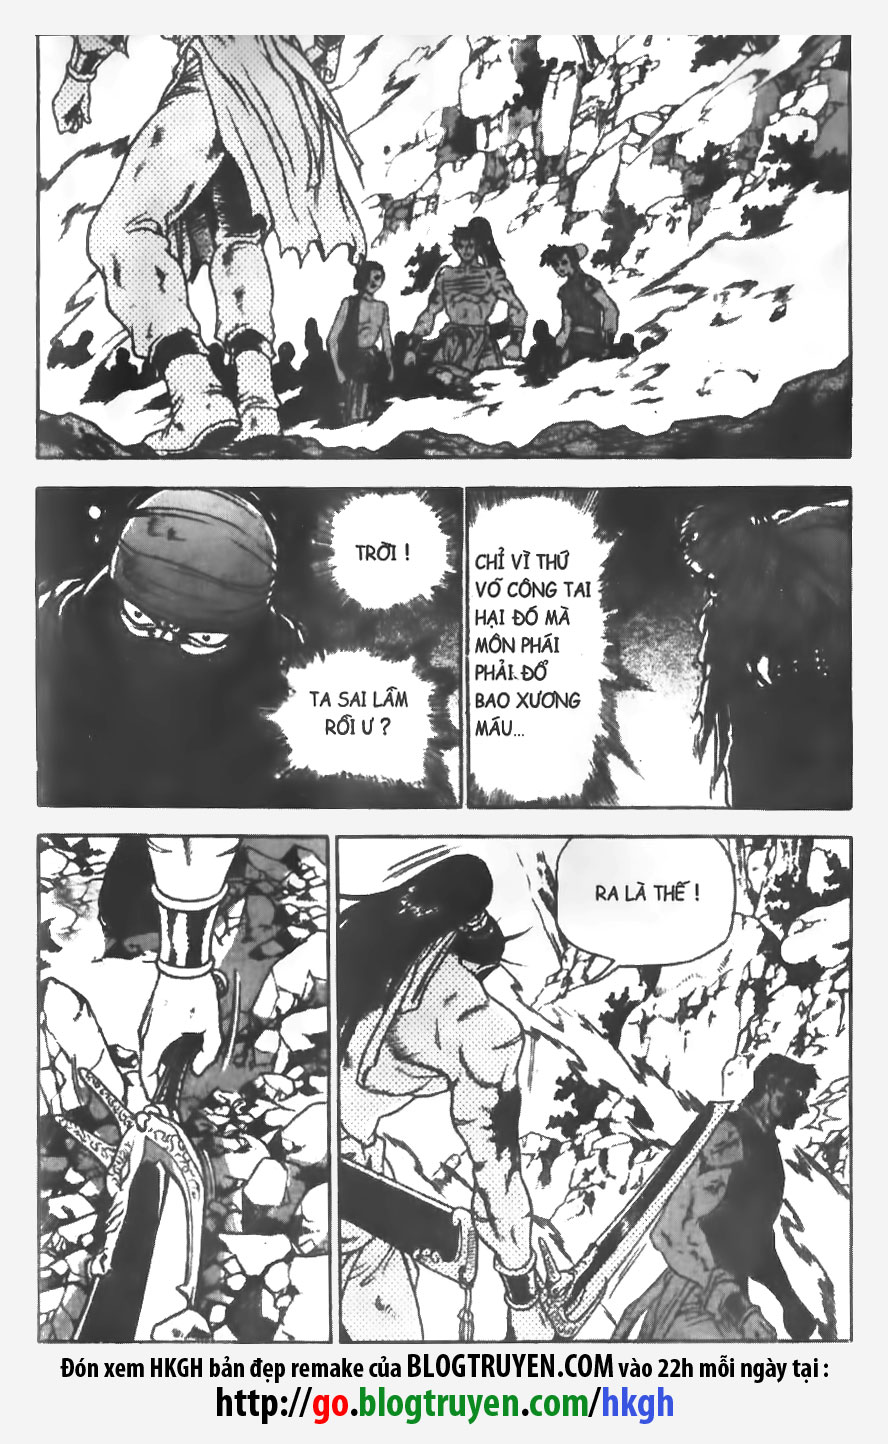 xem truyen moi - Hiệp Khách Giang Hồ Vol22 - Chap 150 - Remake